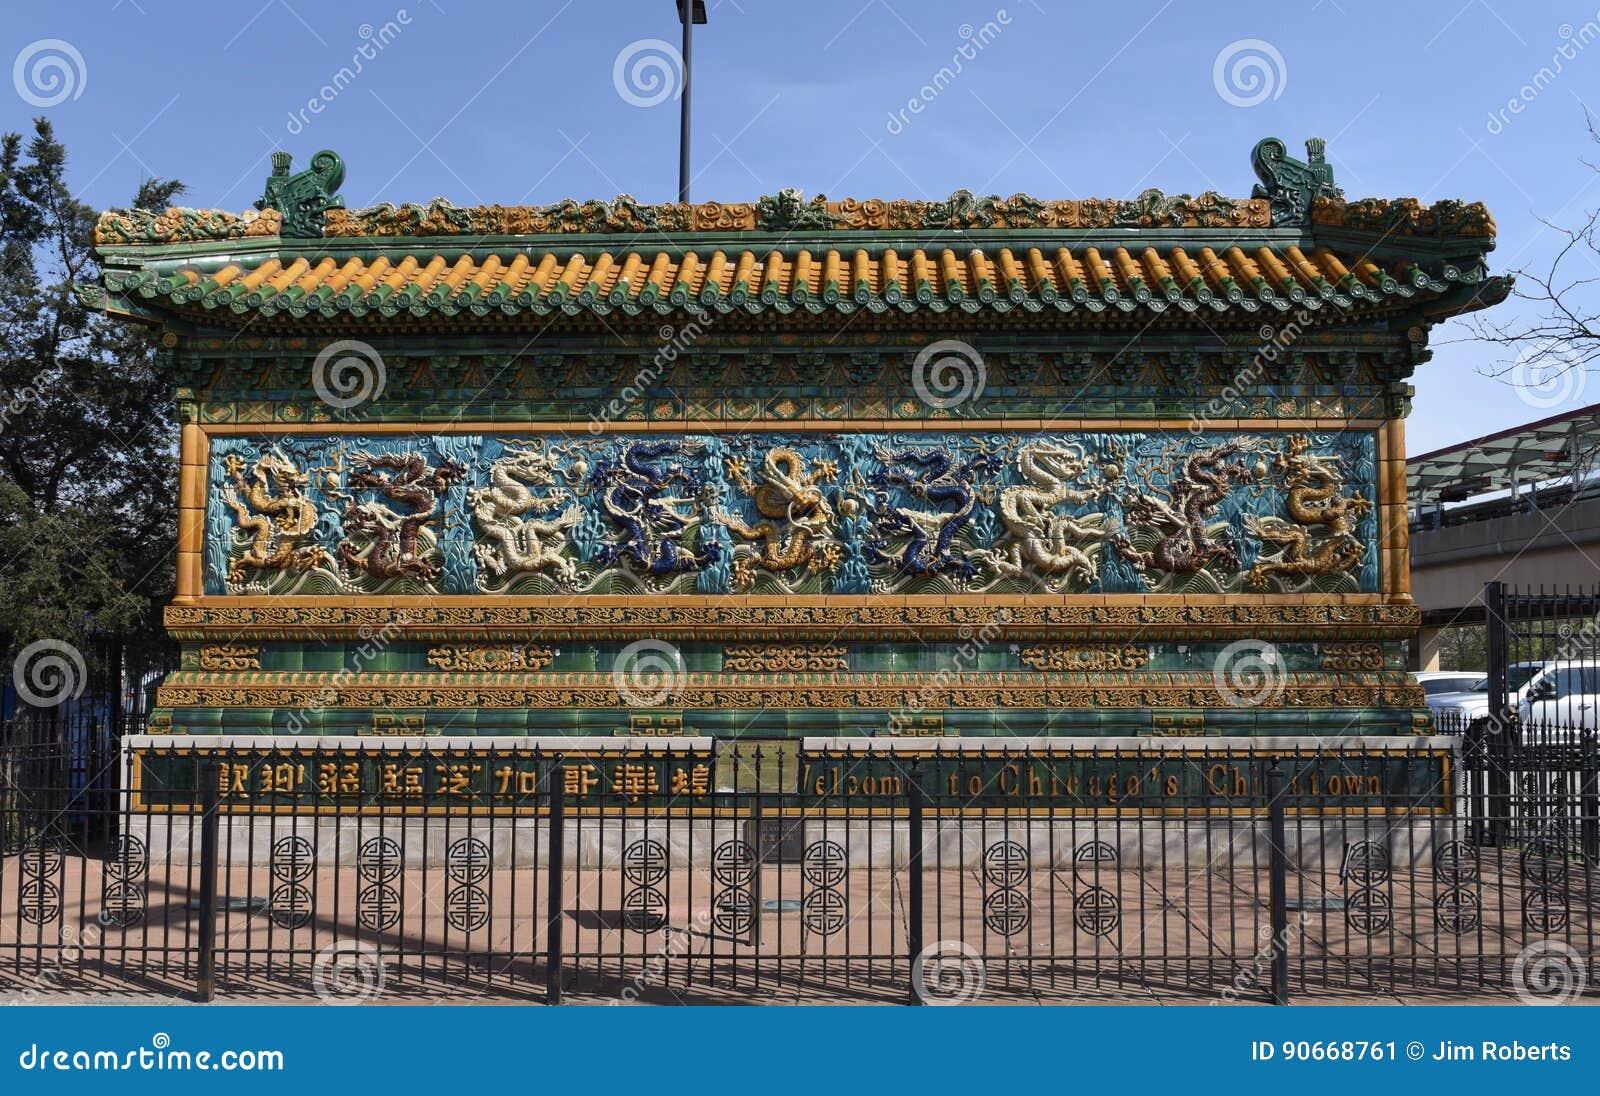 Nine Dragon Wall: Nine Dragon Wall Editorial Photo. Image Of Neighborhood